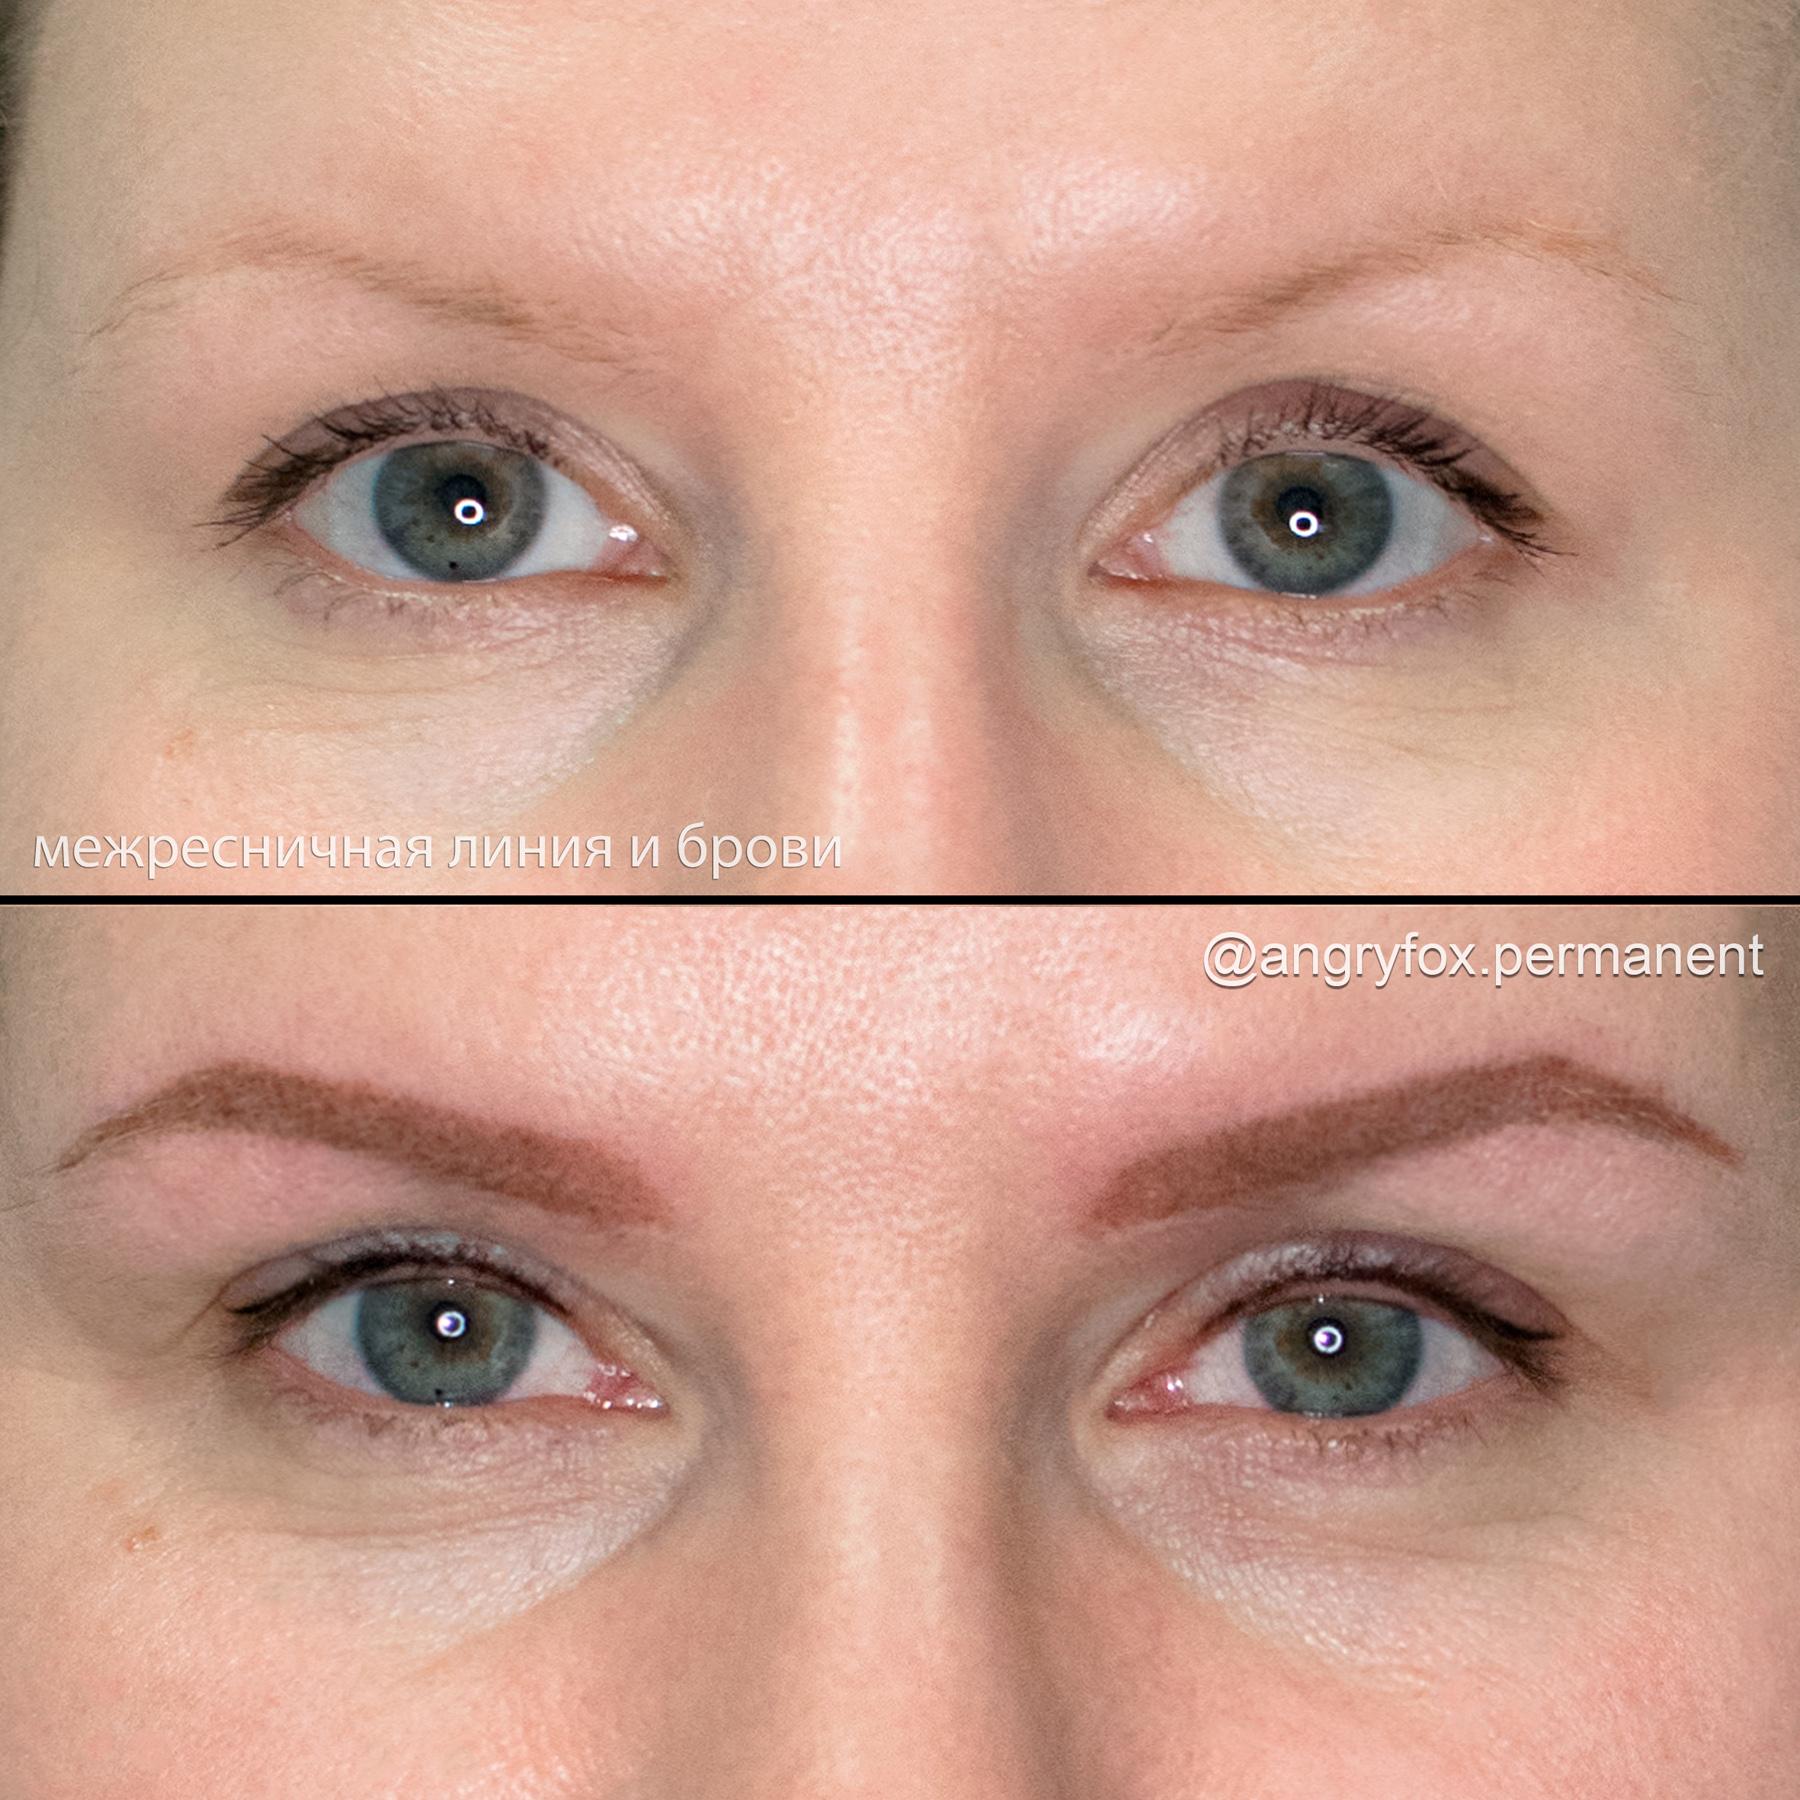 перманентный макияж, перманент, перманент глаз, татуаж глаз, веко, стрелки, межресничная линия, перманент бровей, татуаж бровей, брови, коррекция бровей, архитектура бровей